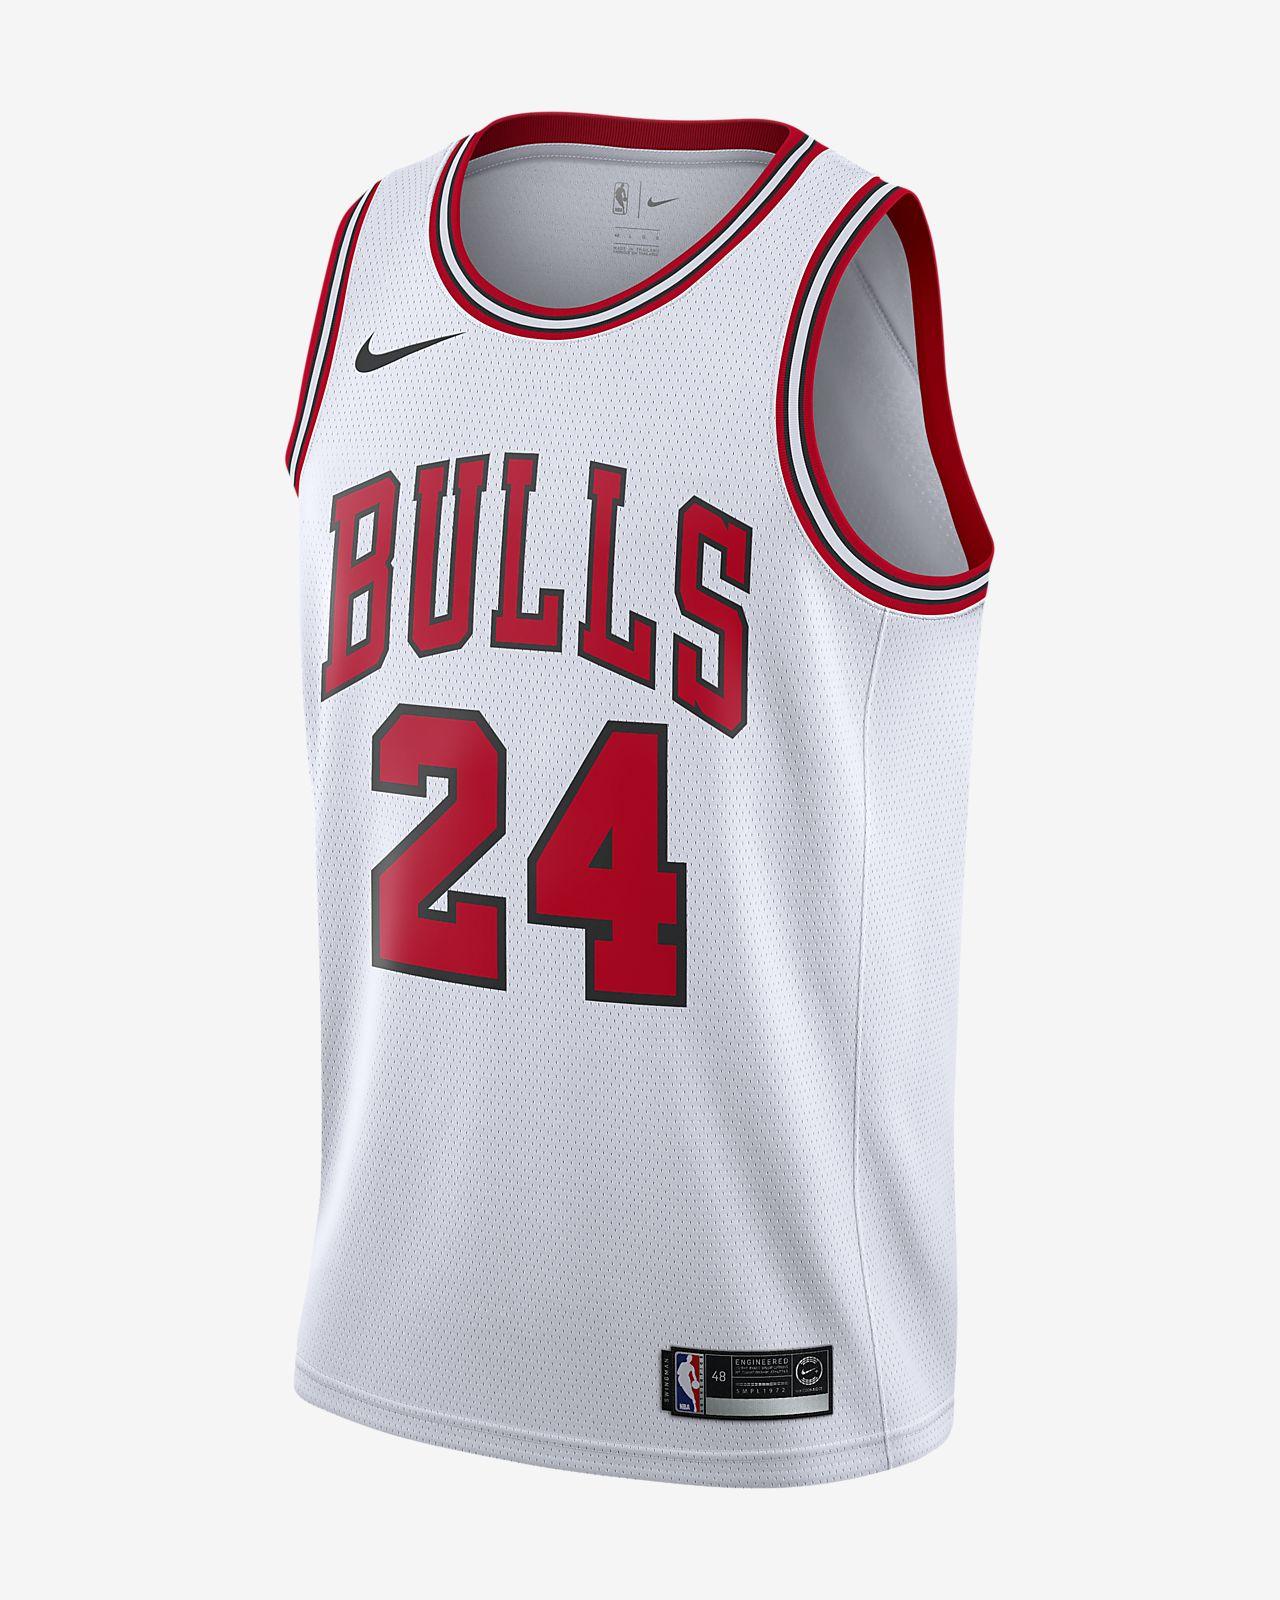 Maillot d'équipe Nike NBA Swingman Lauri Markkanen Bulls Association Edition